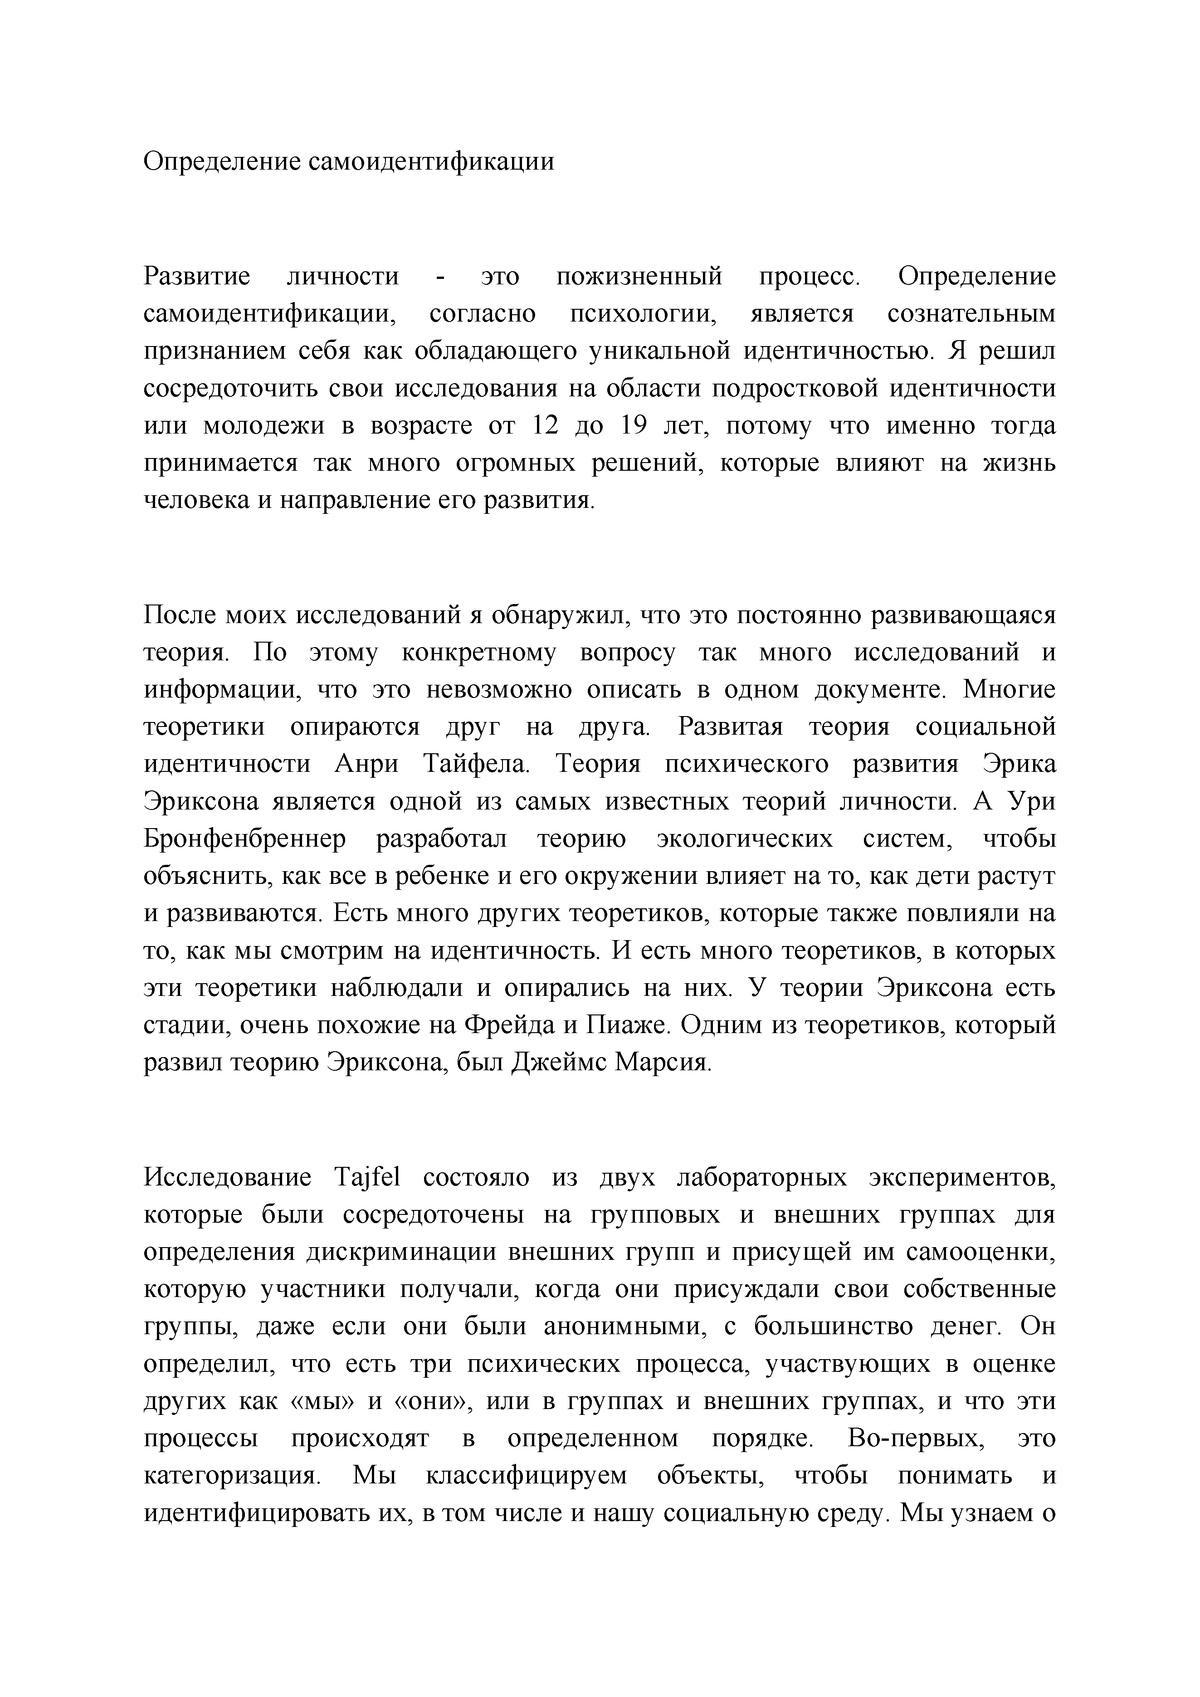 Эпигенетическая теория эриксона